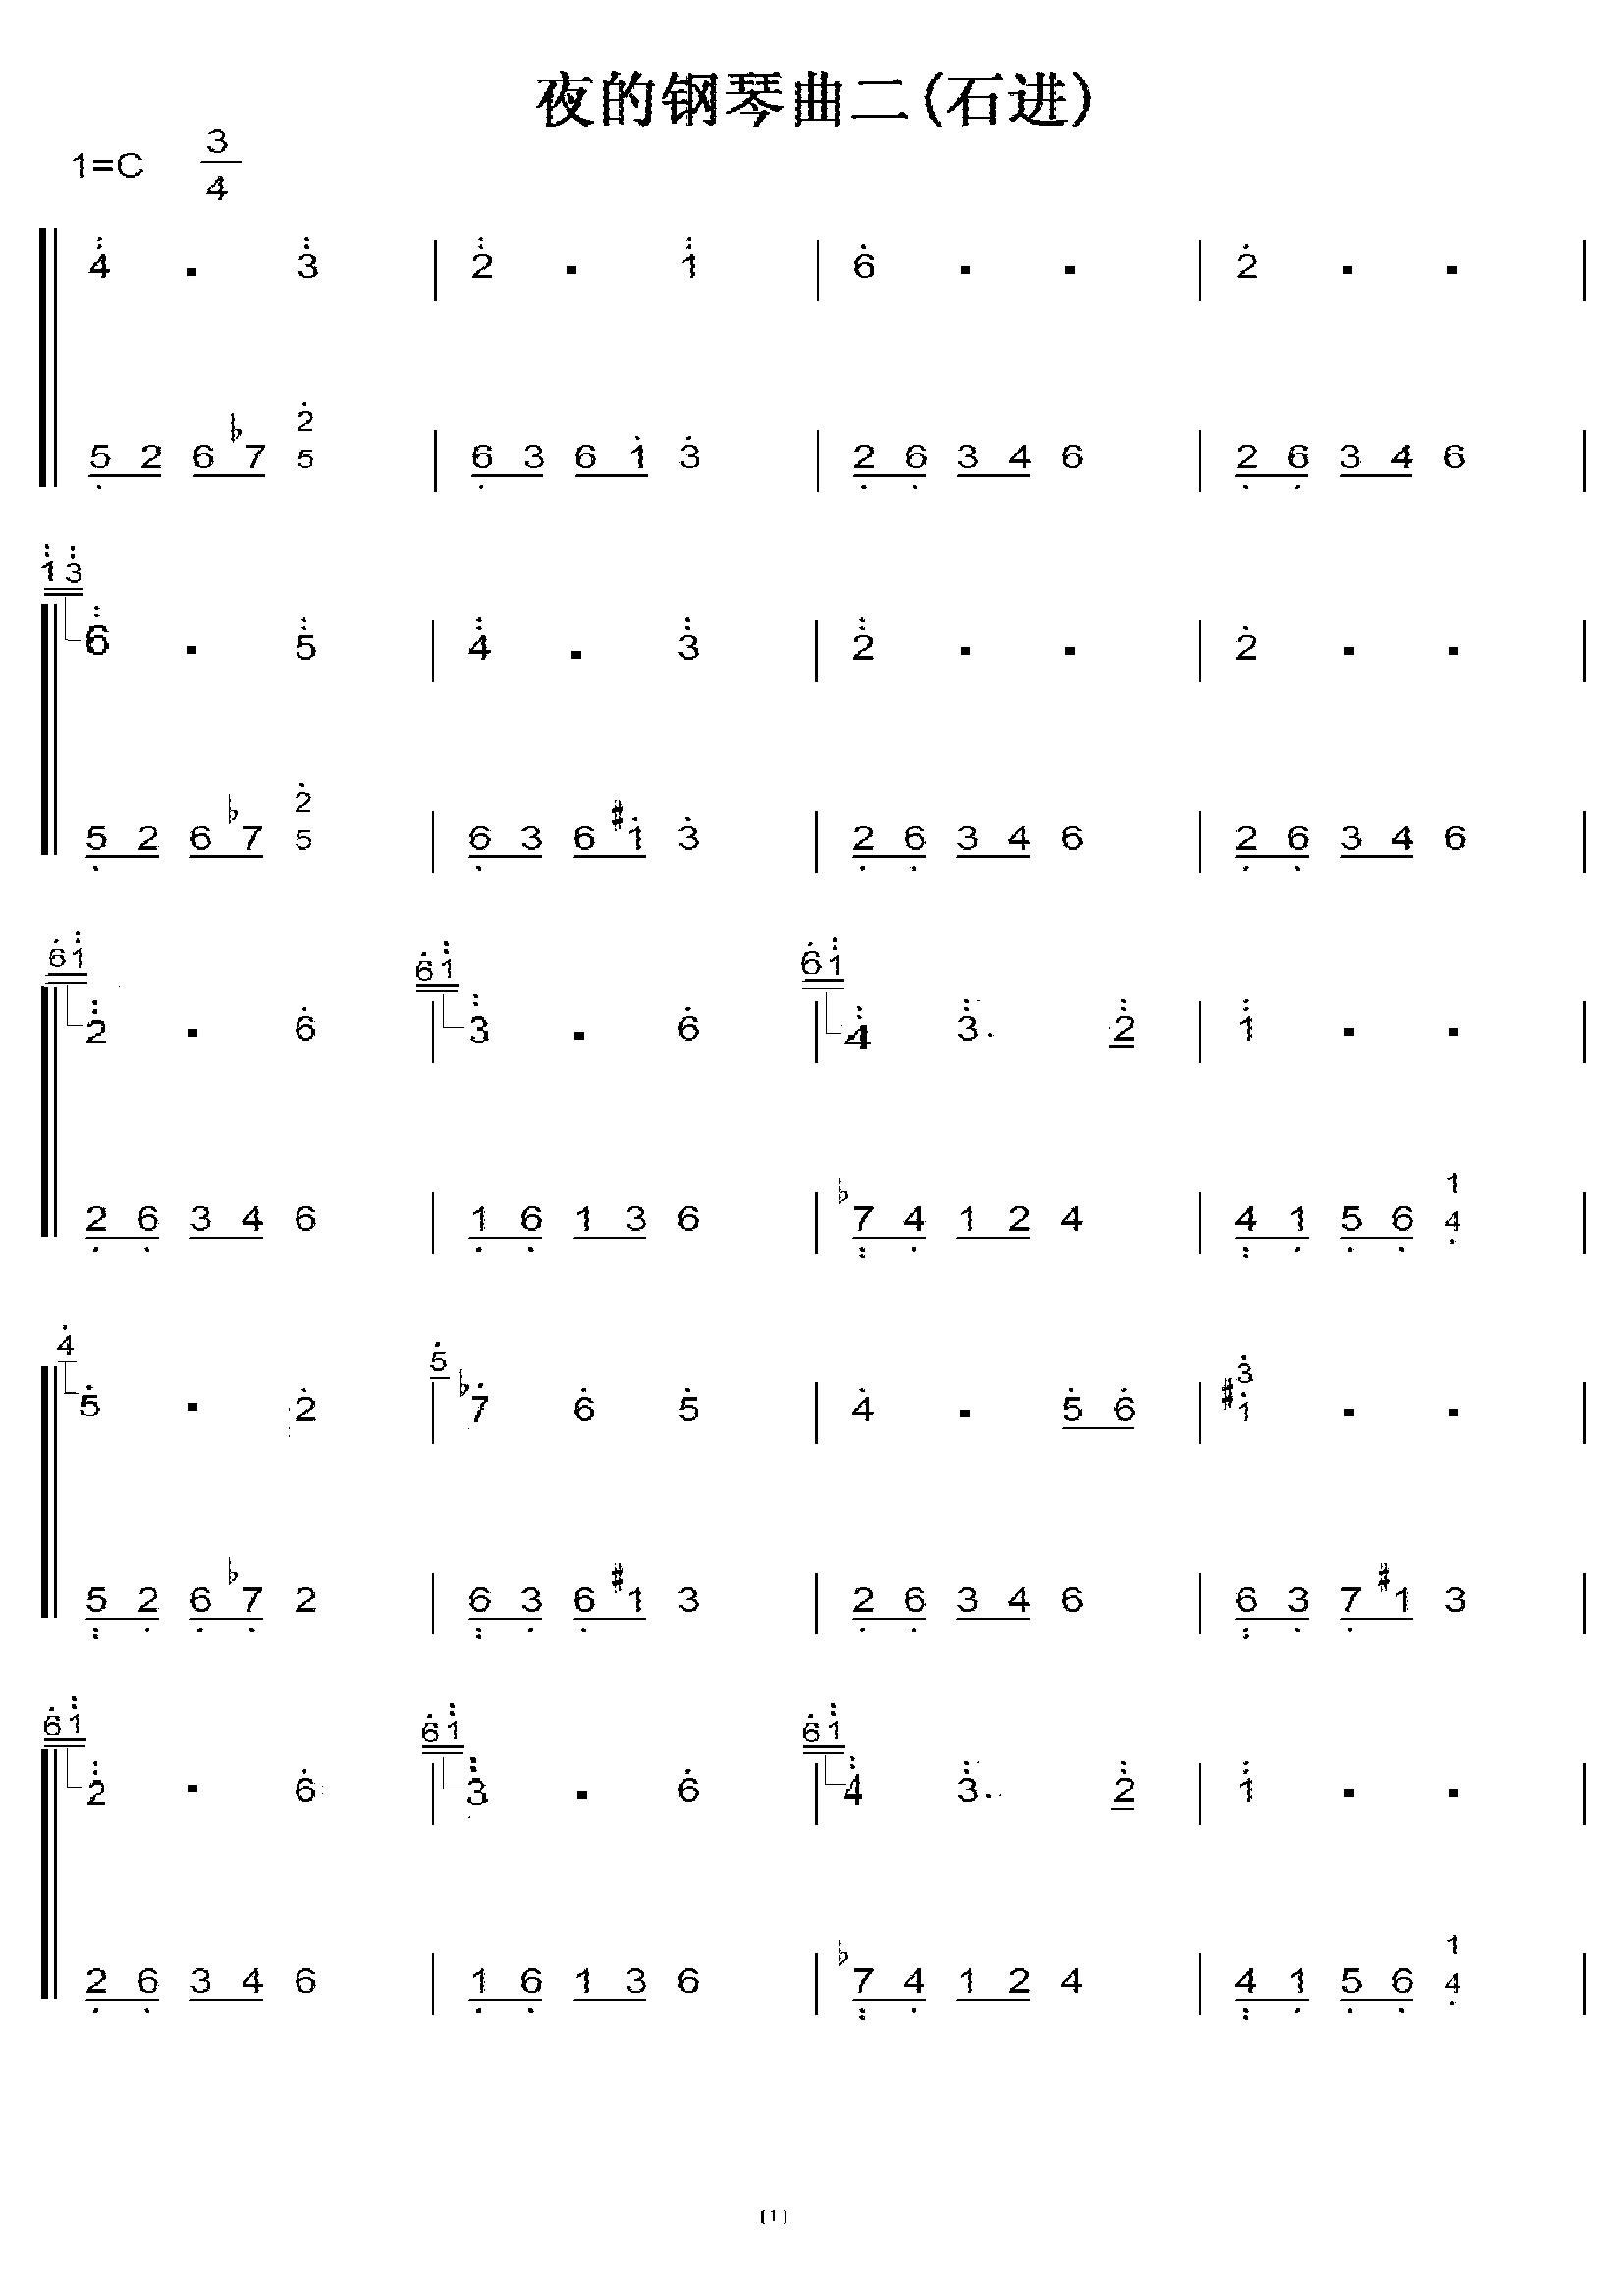 夜的钢琴曲二(石进) 初学者c调简易版 钢琴双手简谱 钢琴简谱 钢琴谱图片